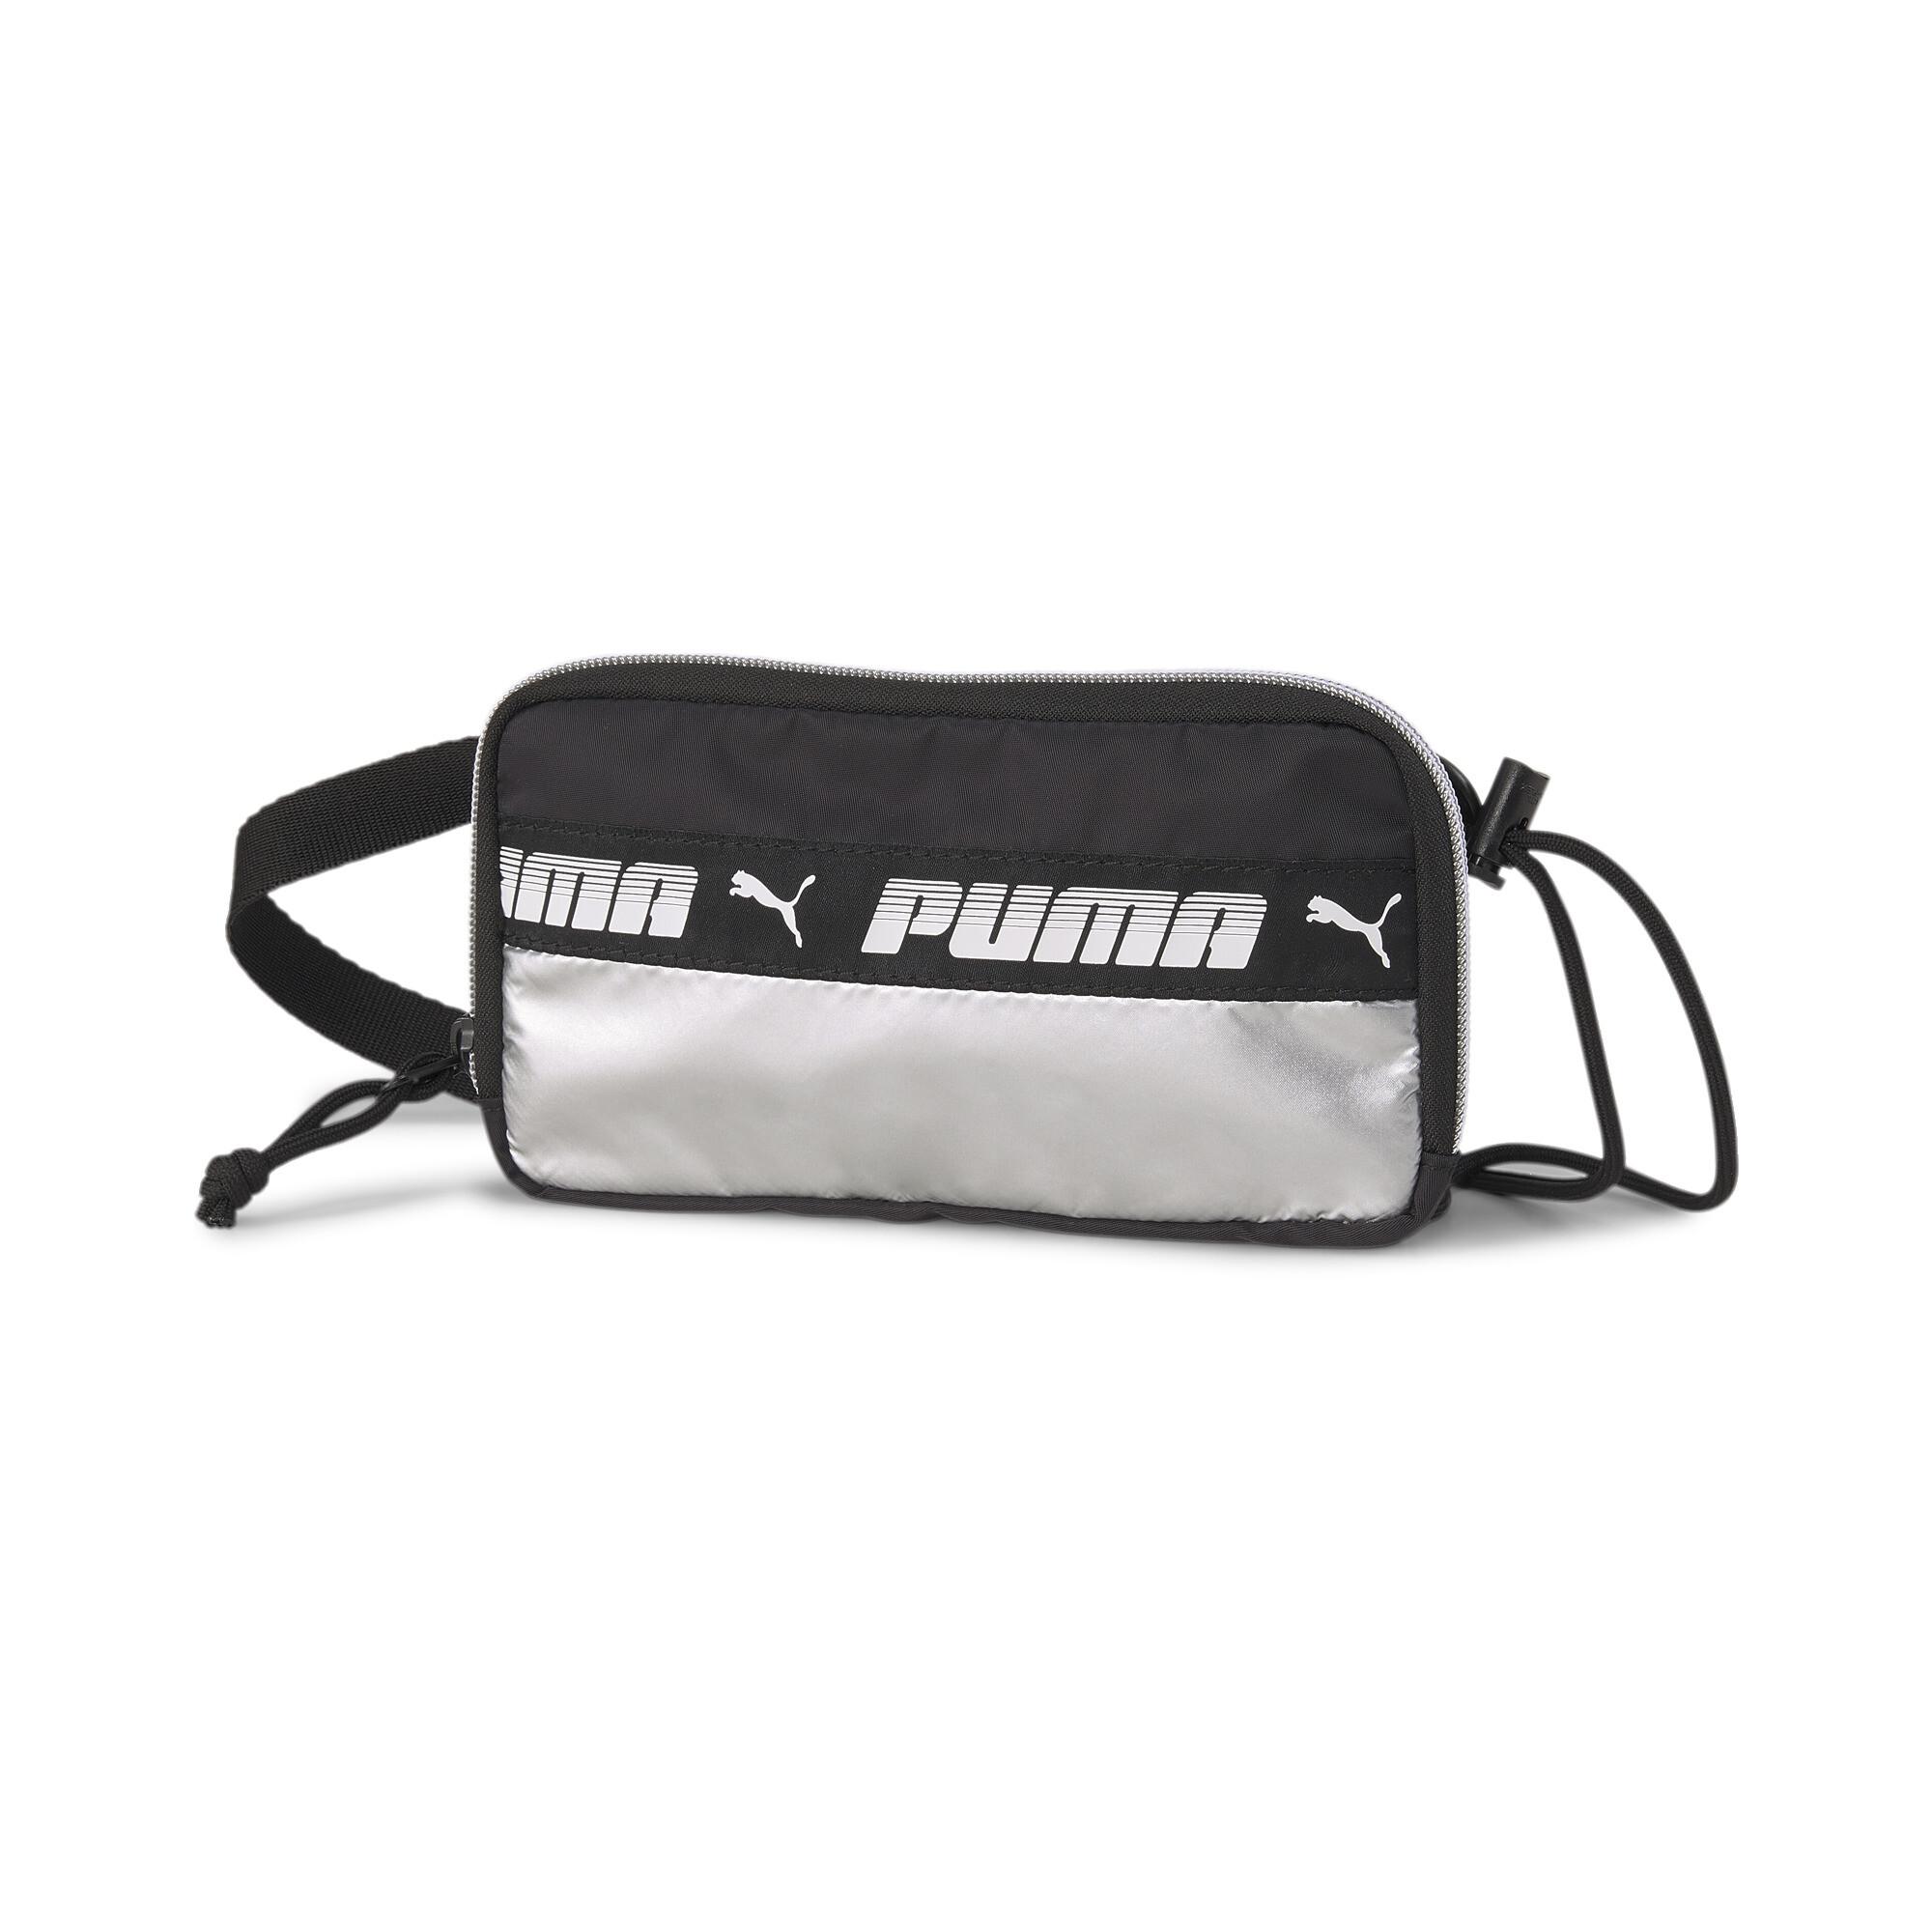 【プーマ公式通販】 プーマ プライム スリング ウィメンズ ポーチ マイル ライダー 0.5L ウィメンズ Puma Black-Silver |PUMA.com